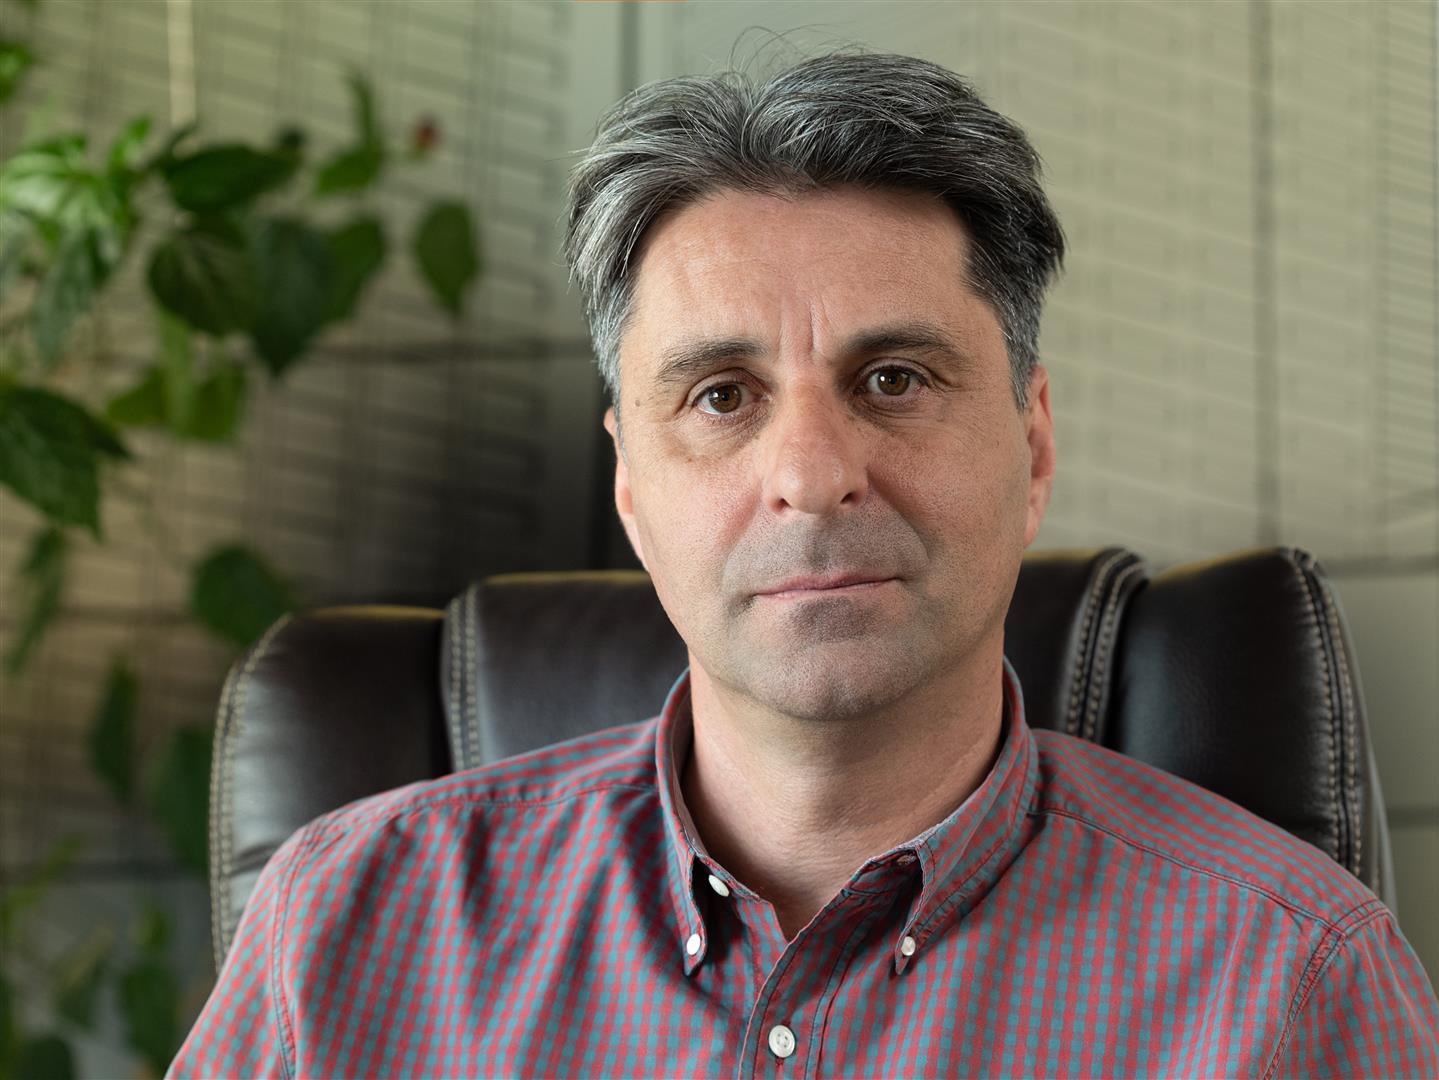 Stefan Negoescu